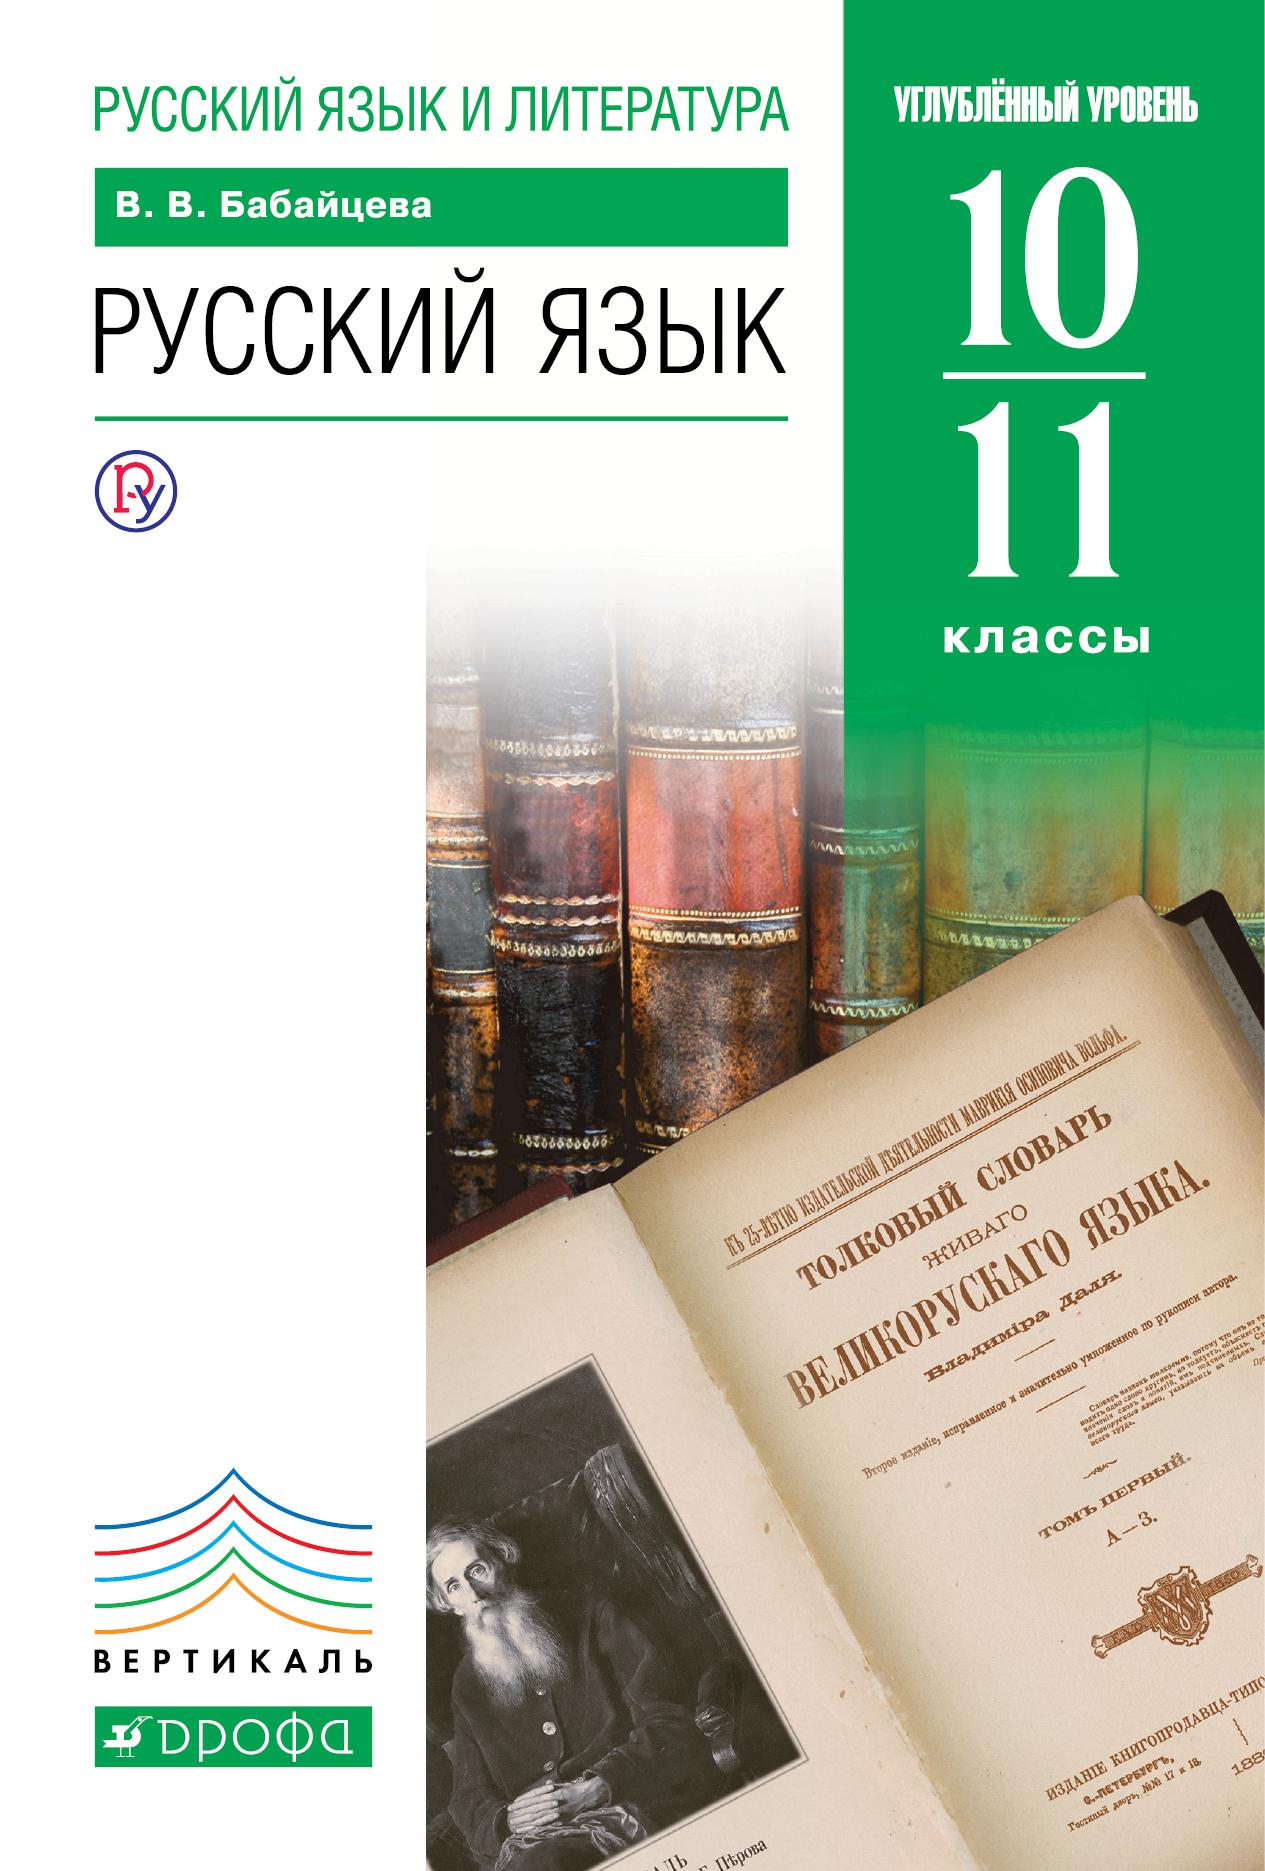 Бабайцева В.В. Русский язык. Углубленный уровень. 10-11 класс. Учебник история науки о языке учебник